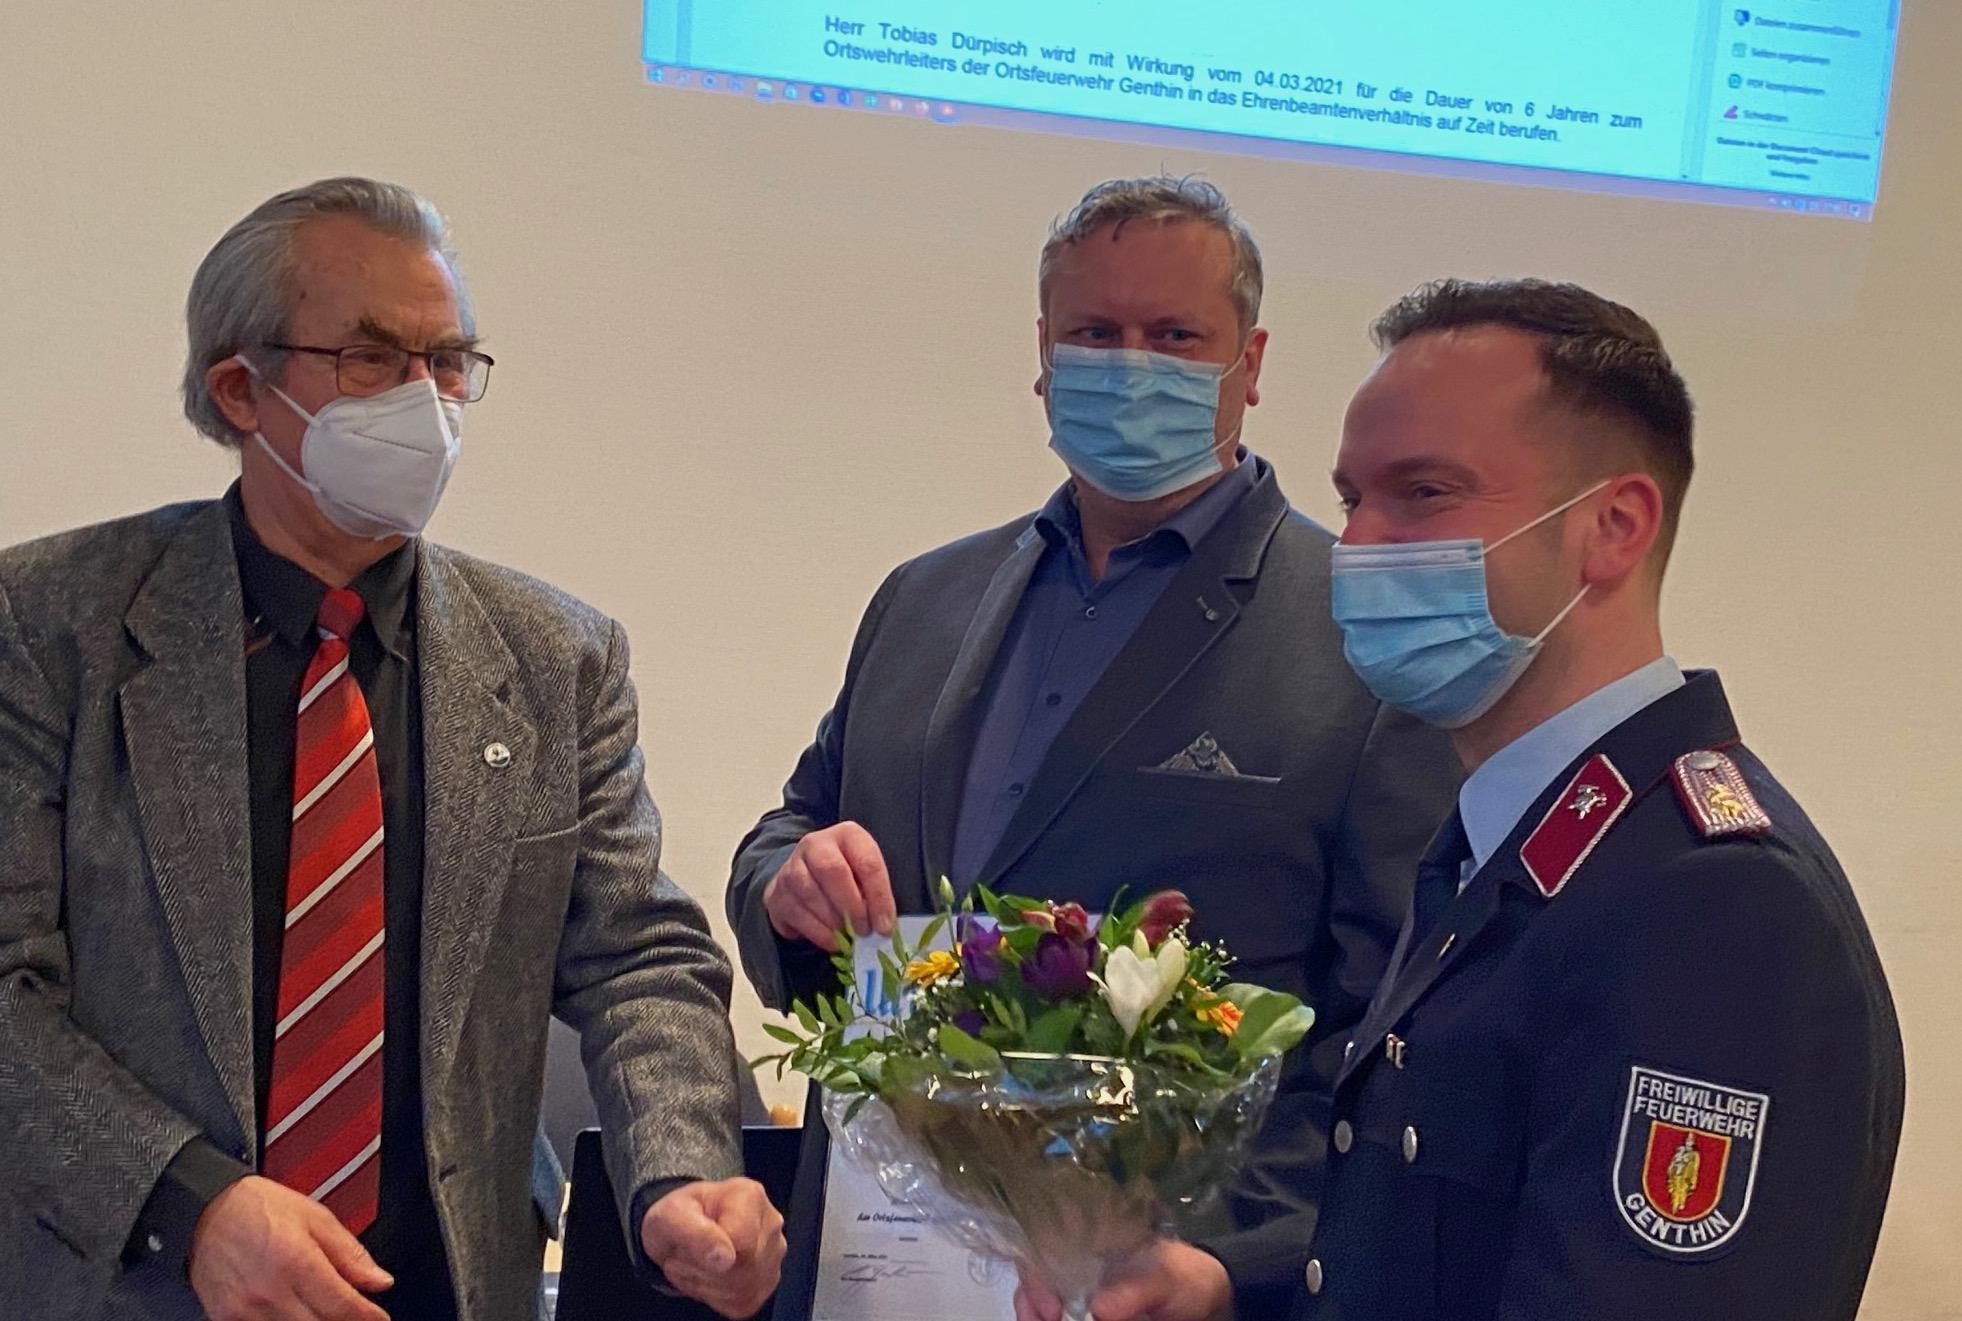 Tobias Dürpisch ist jetzt Wehrleiter